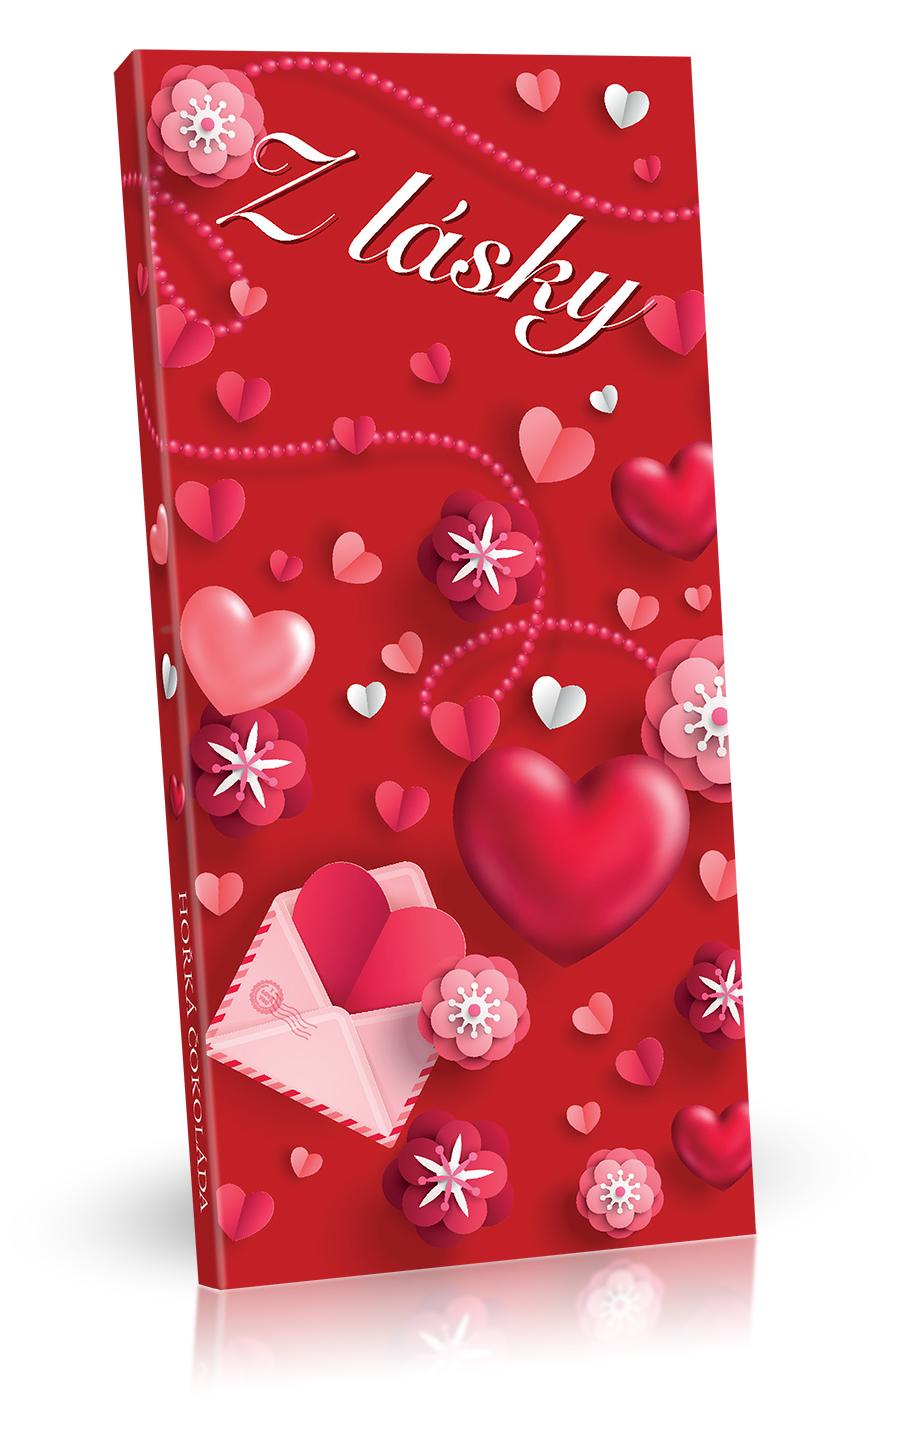 Vyrobeno v EU Čokoláda hořká 85% 100g Z lásky (srdíčka 3D)